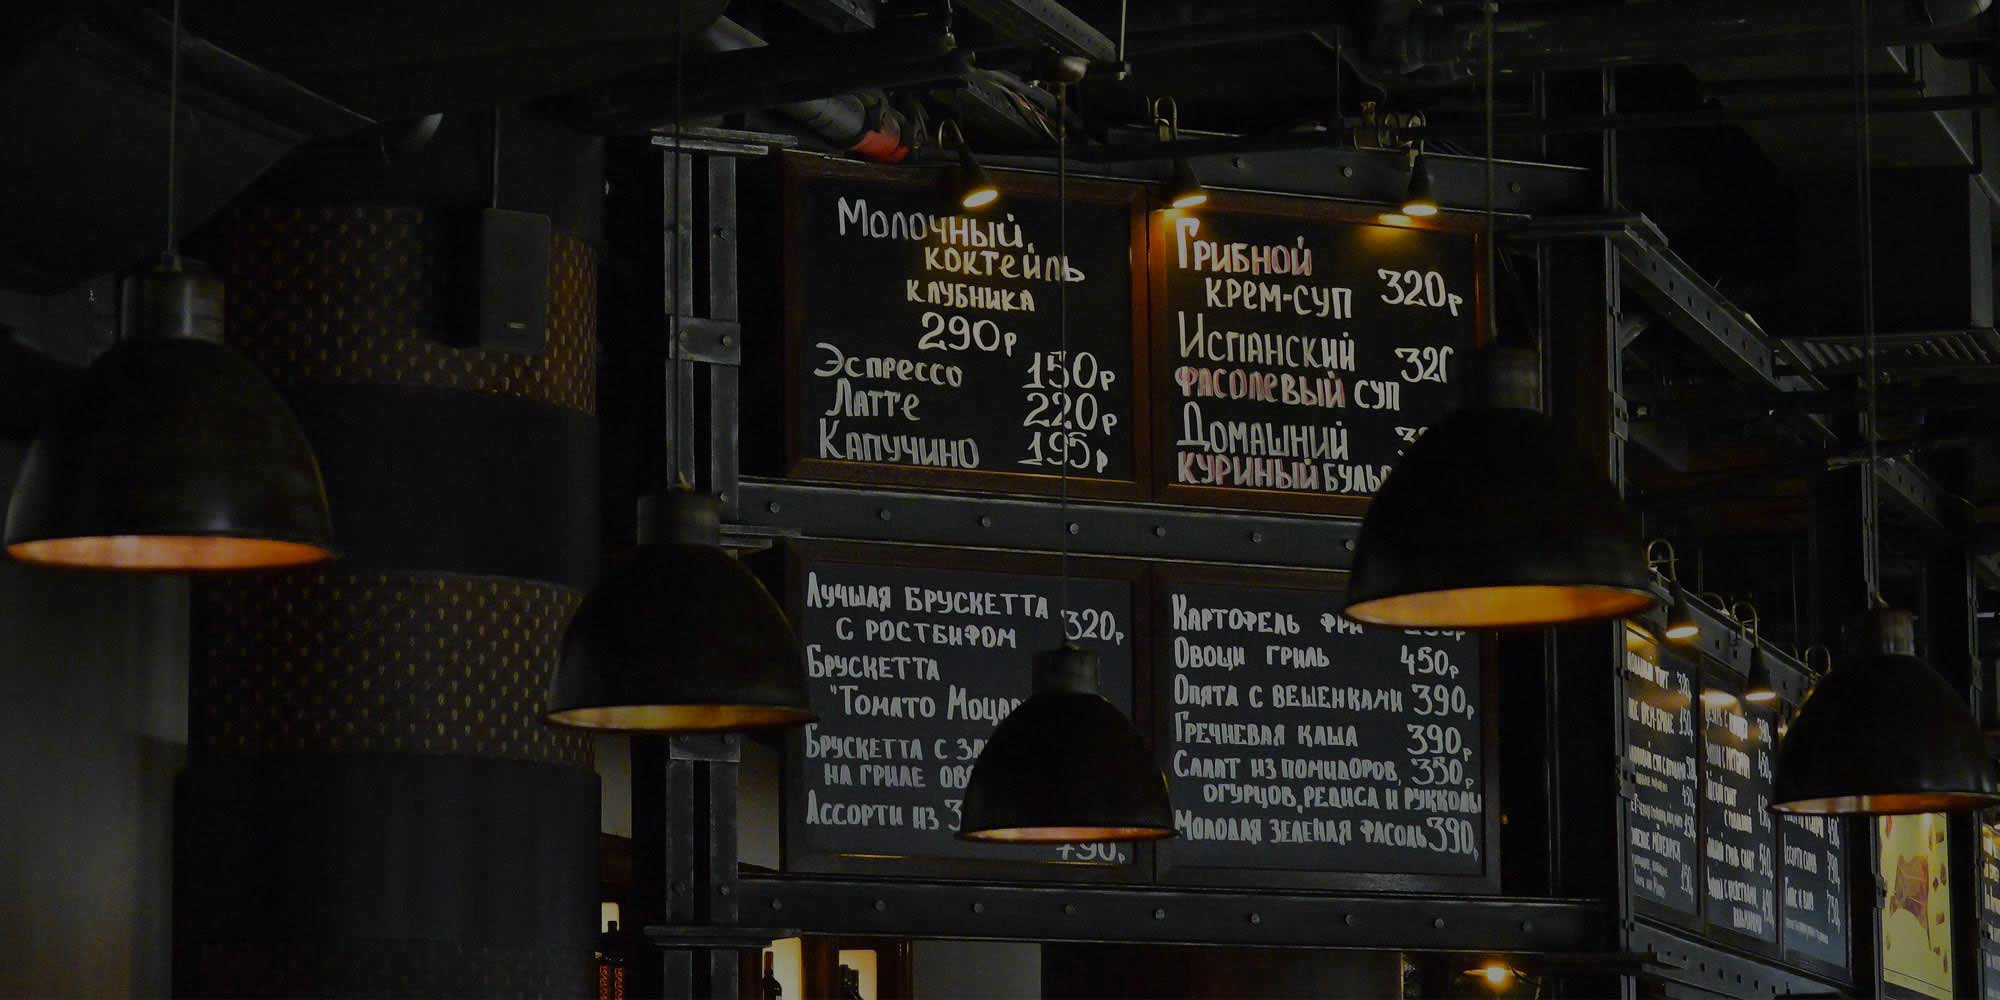 Fare un buon menu per ristoranti | FoodiesTrip